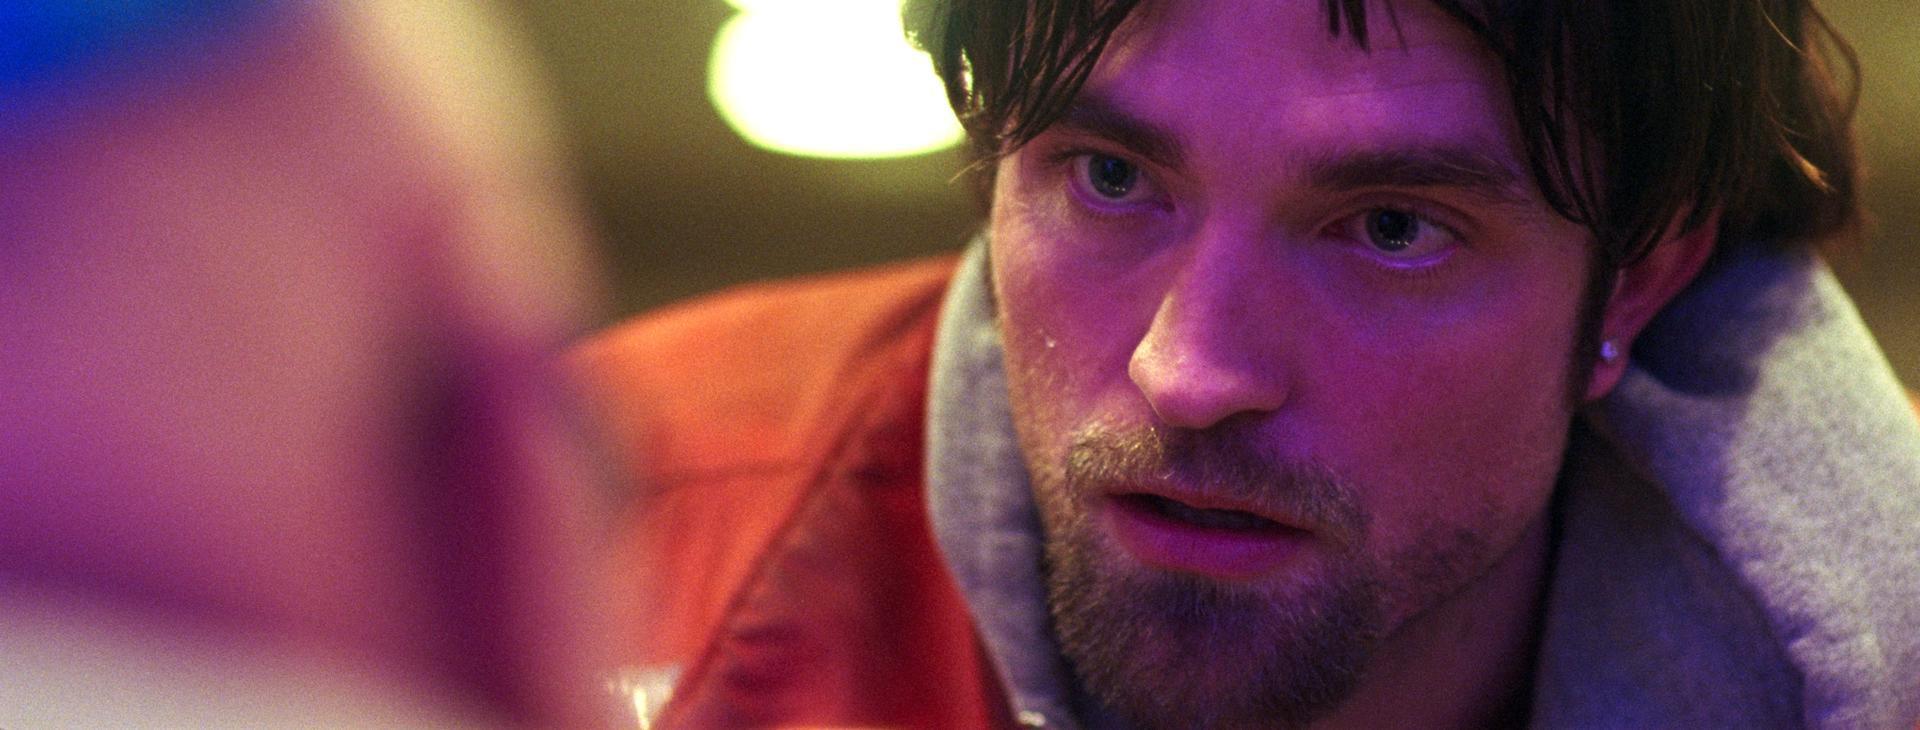 Dobrý časy: Temná novinka s Robertem Pattinsonem | Fandíme filmu